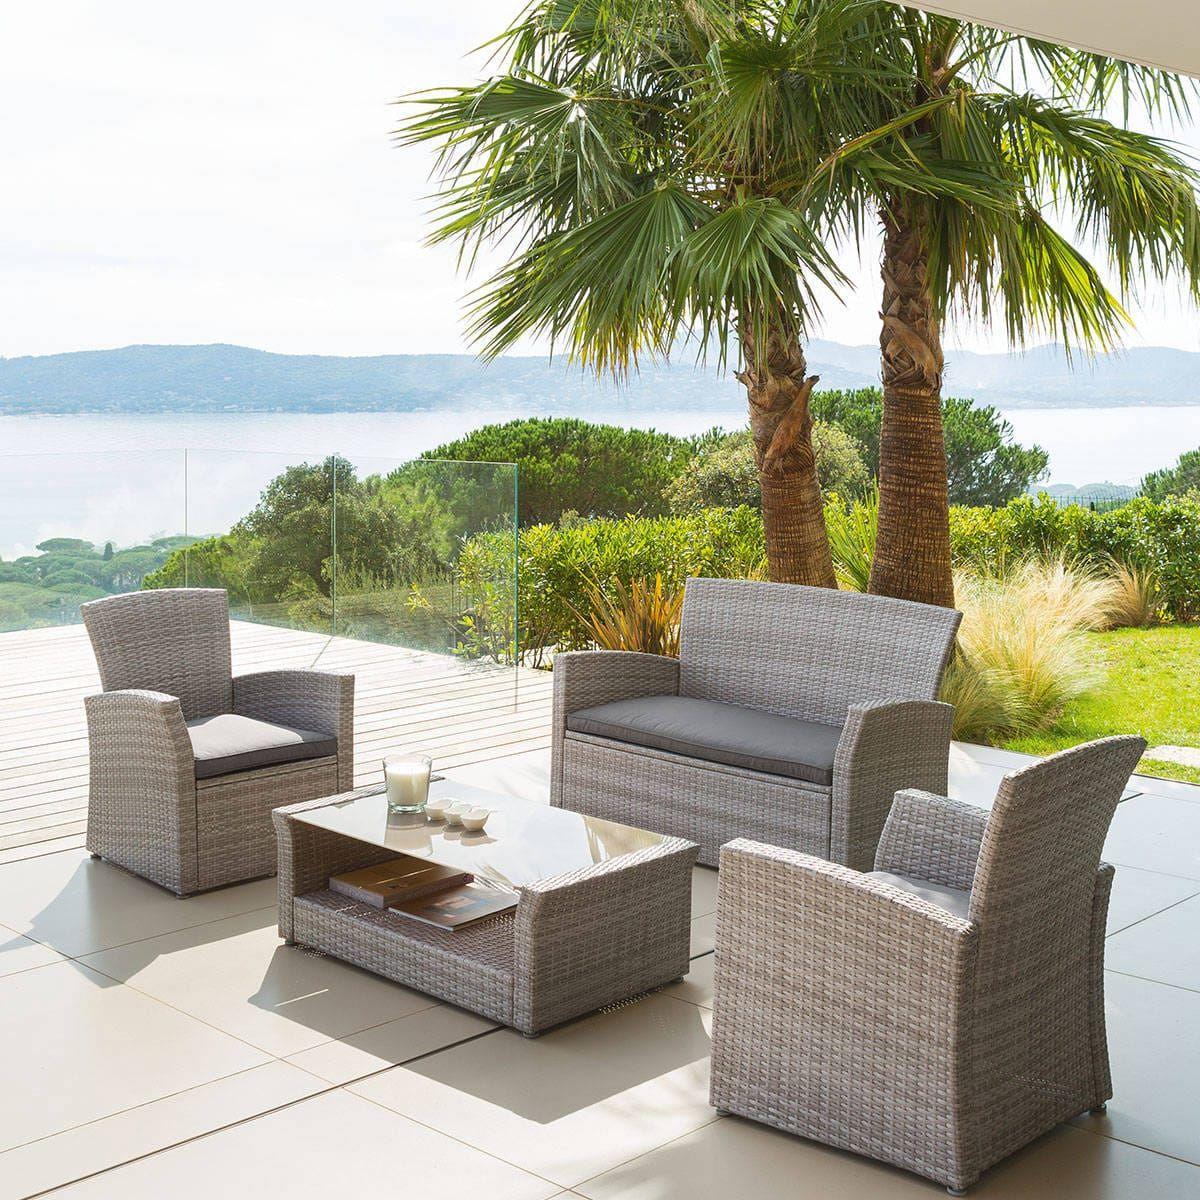 Salon de jardin Bora Bora Grège Hespéride 4 places | Maison ...